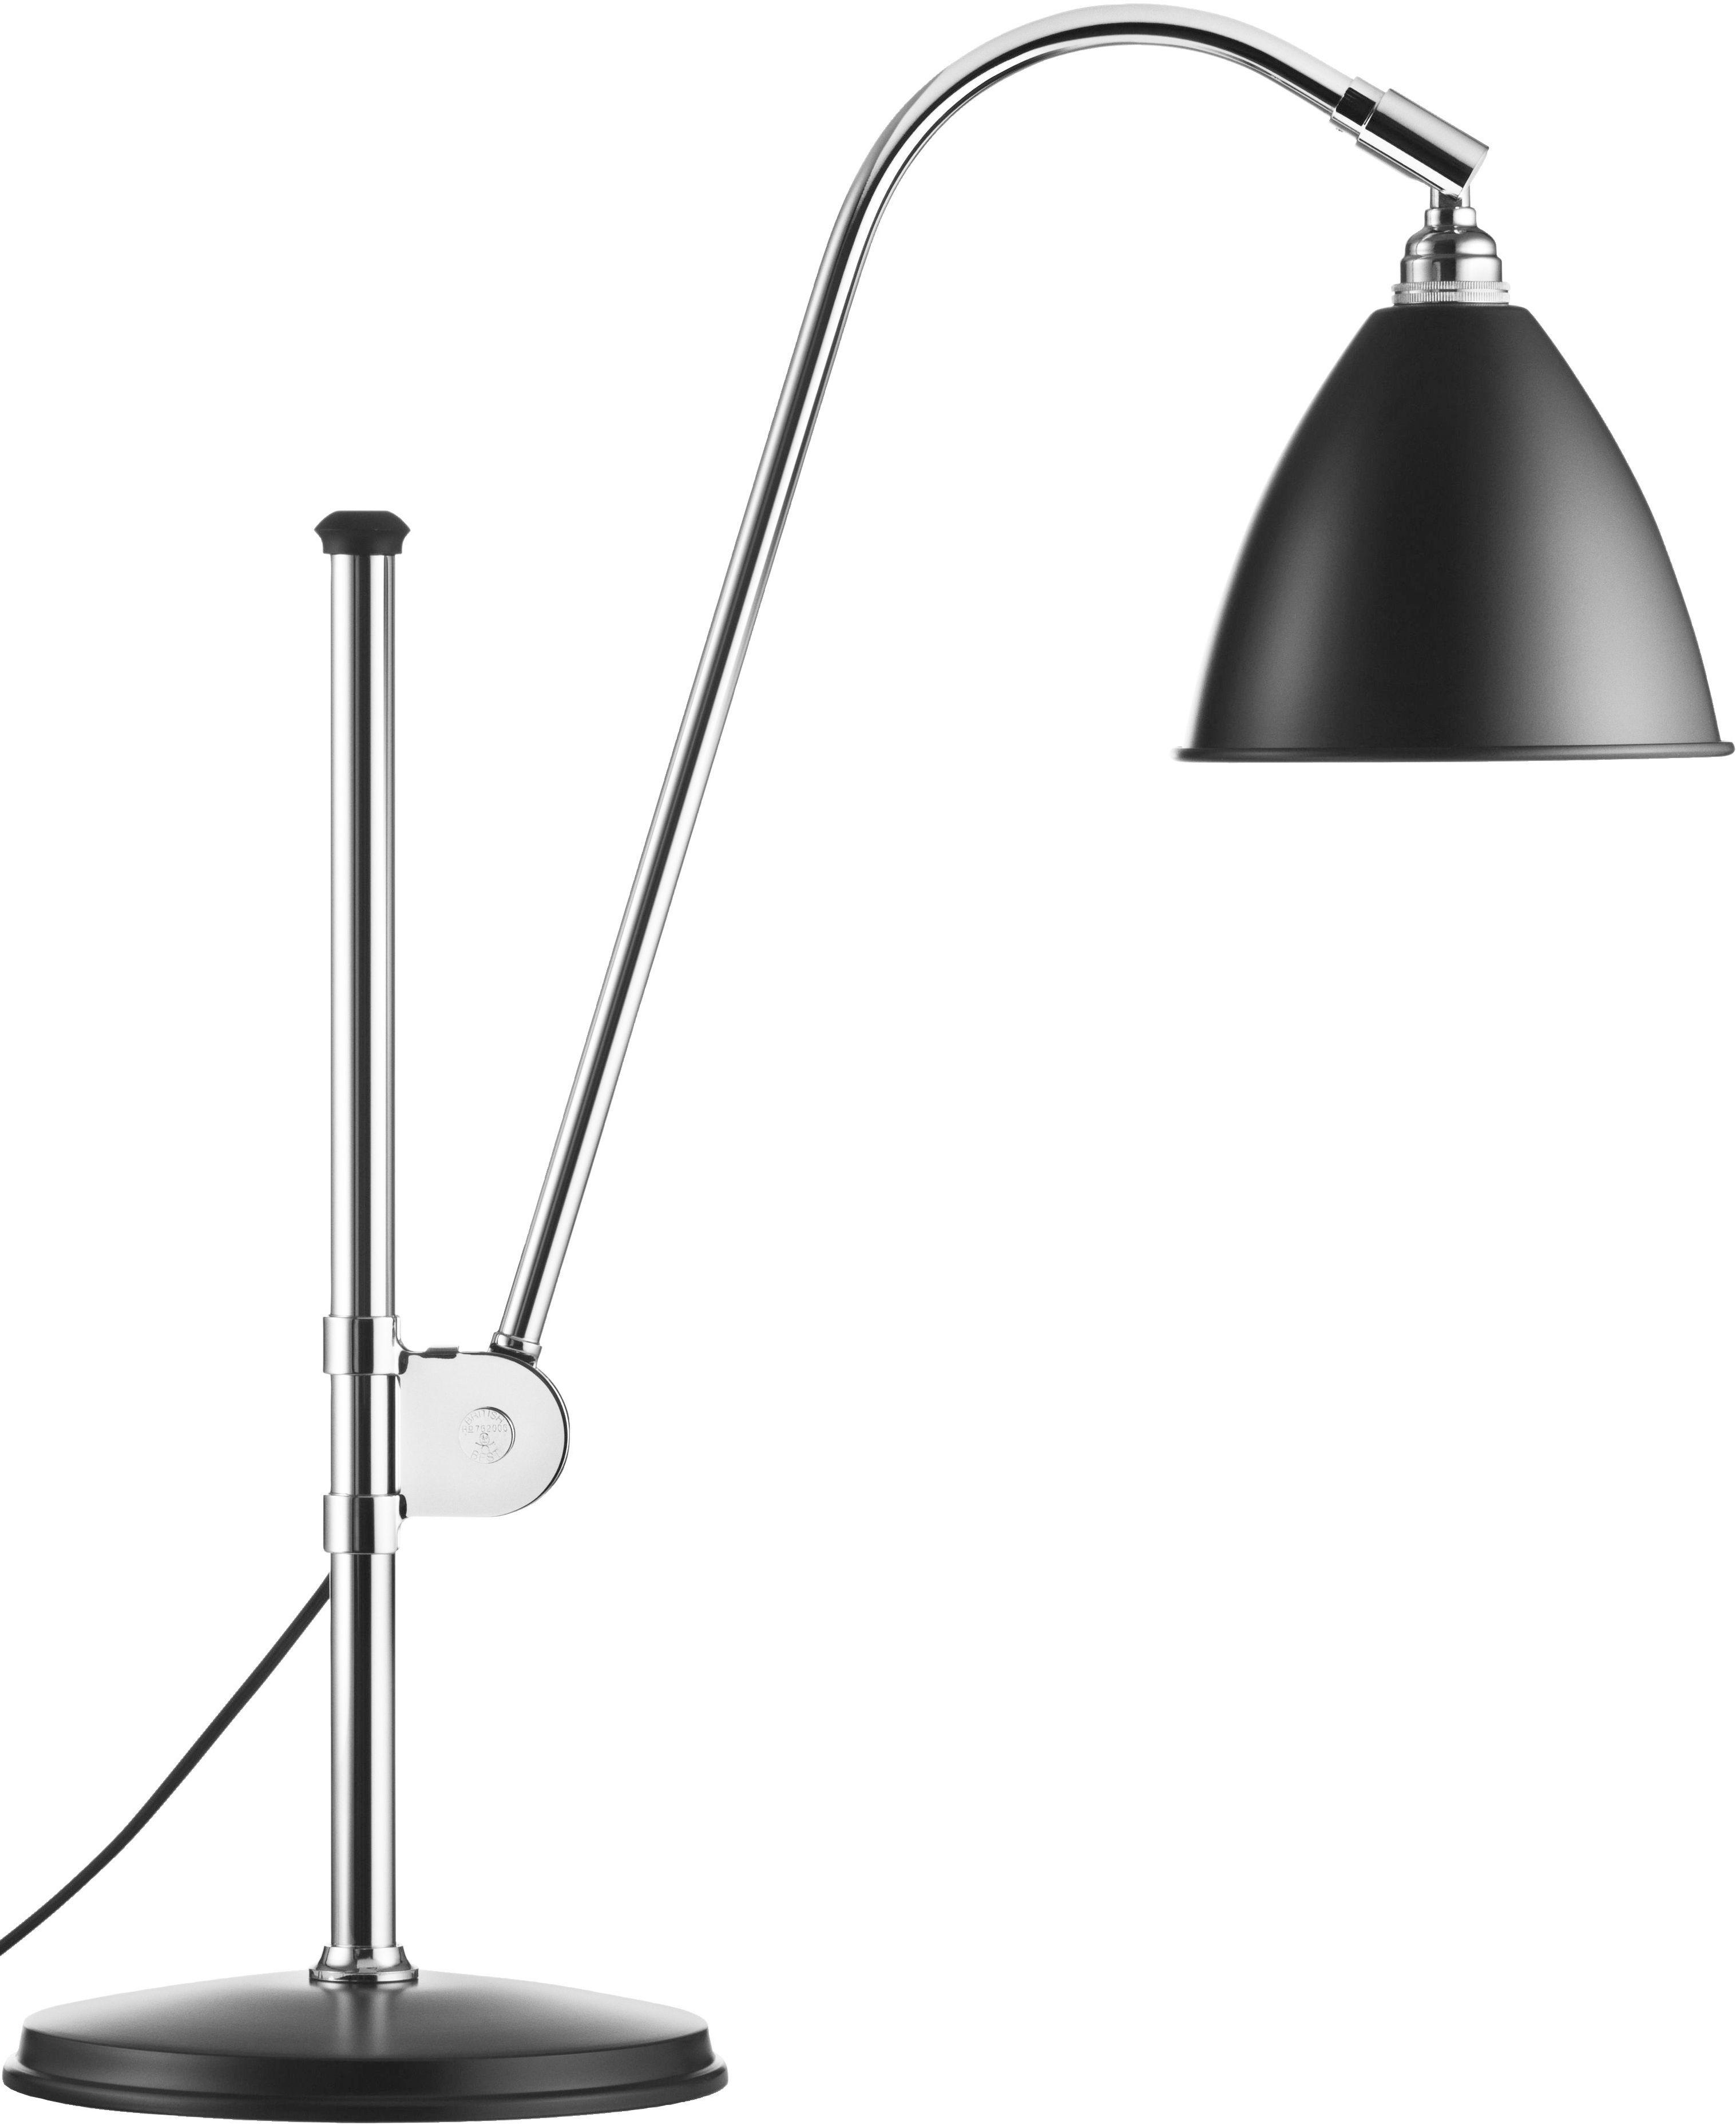 Luminaire - Lampes de table - Lampe de table Bestlite BL1 / Réédition de 1930 - Gubi - Noir - Métal chromé